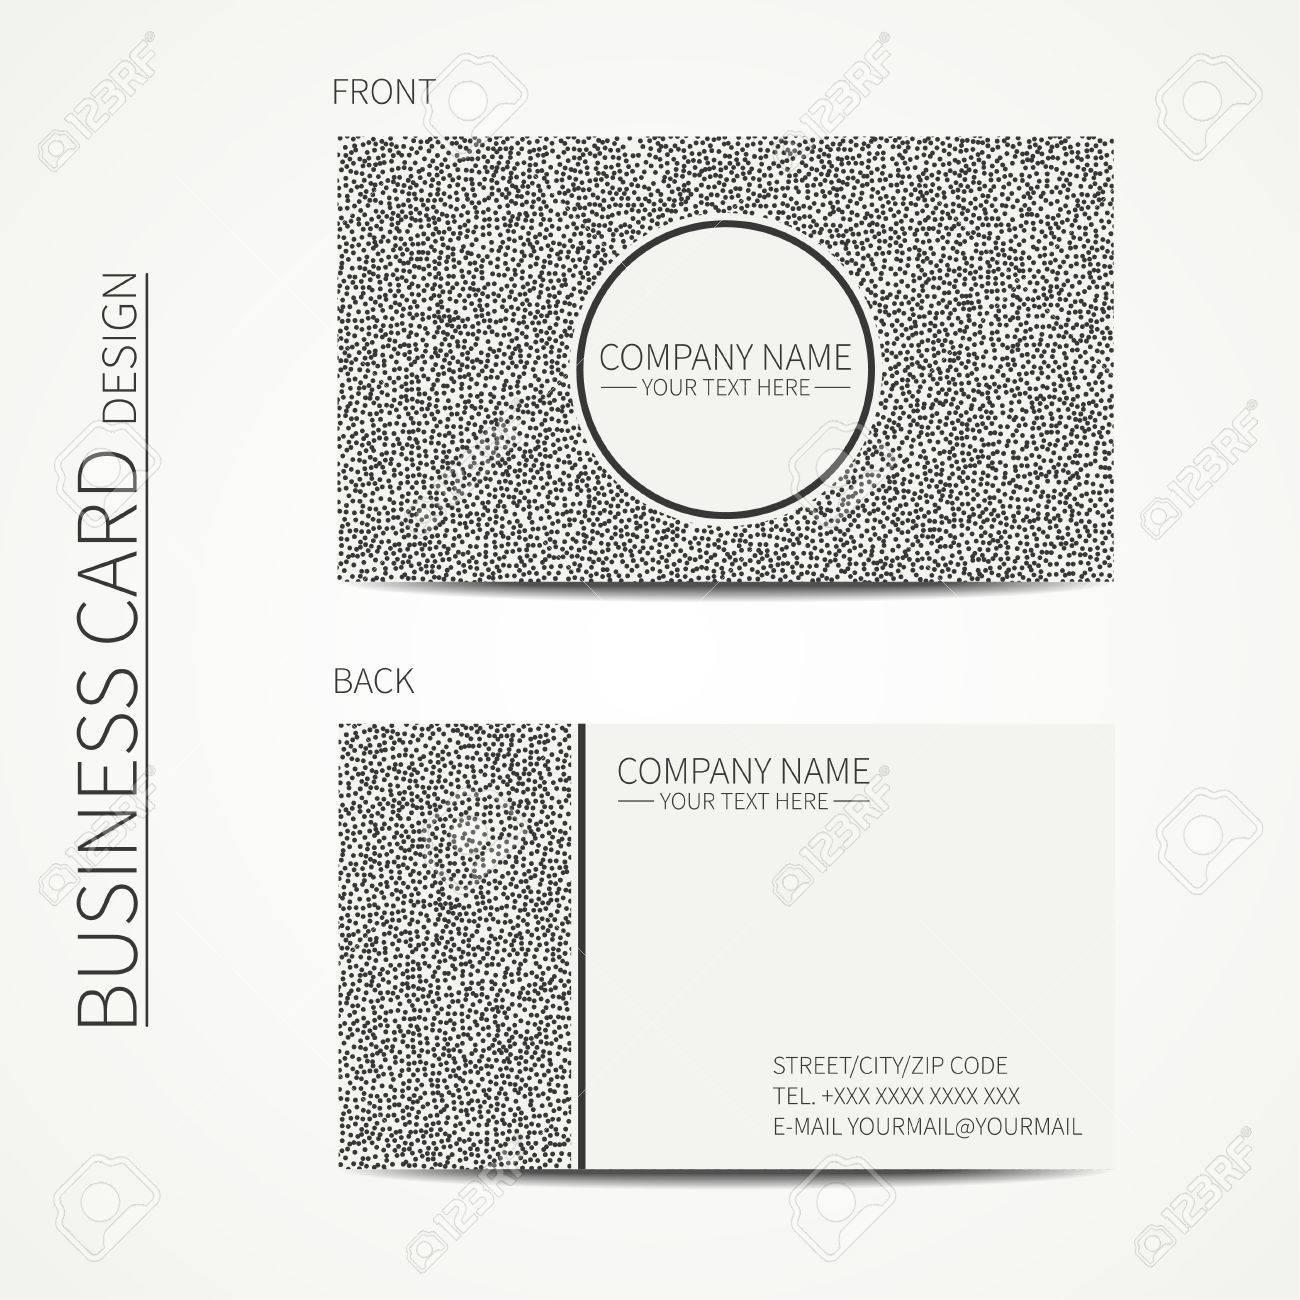 Vecteur Simple Carte De Visite Design Modele Noir Et Blanc Carte